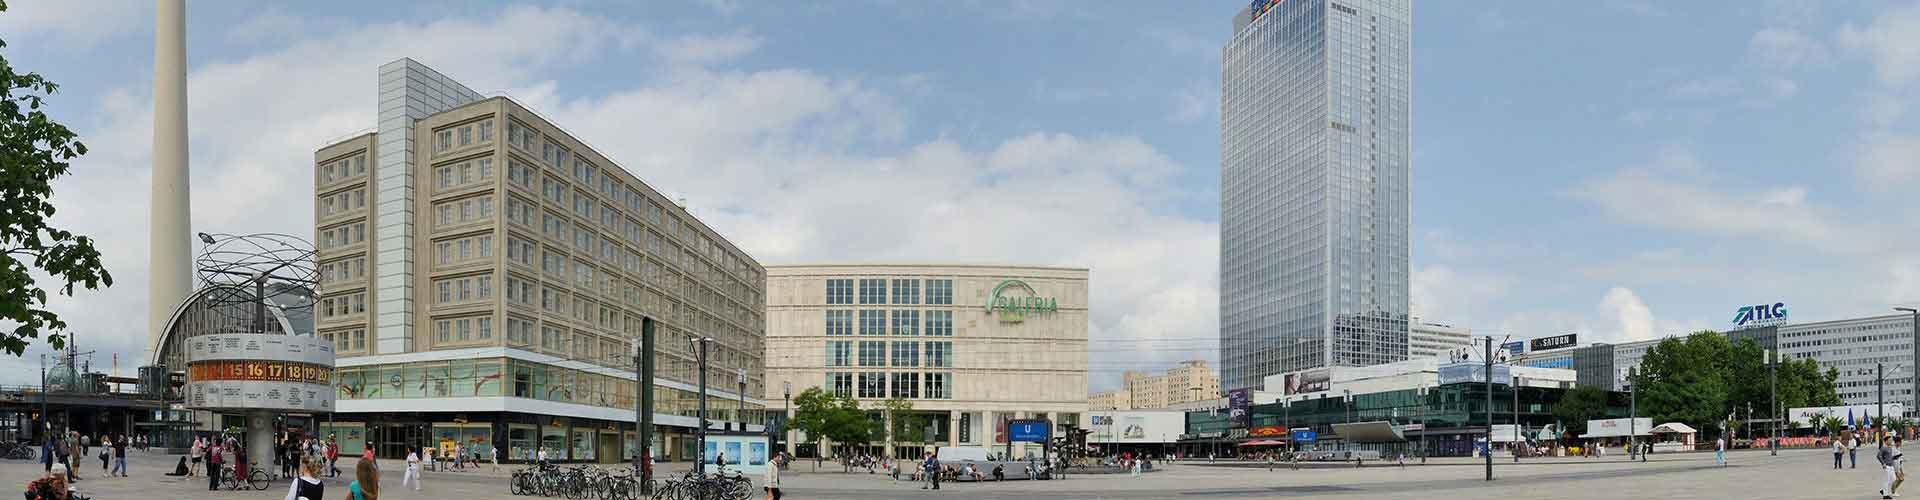 Berlim – Hostels próximos a Alexanderplatz. Mapas para Berlim, Fotos e Avaliações para cada Hostel em Berlim.